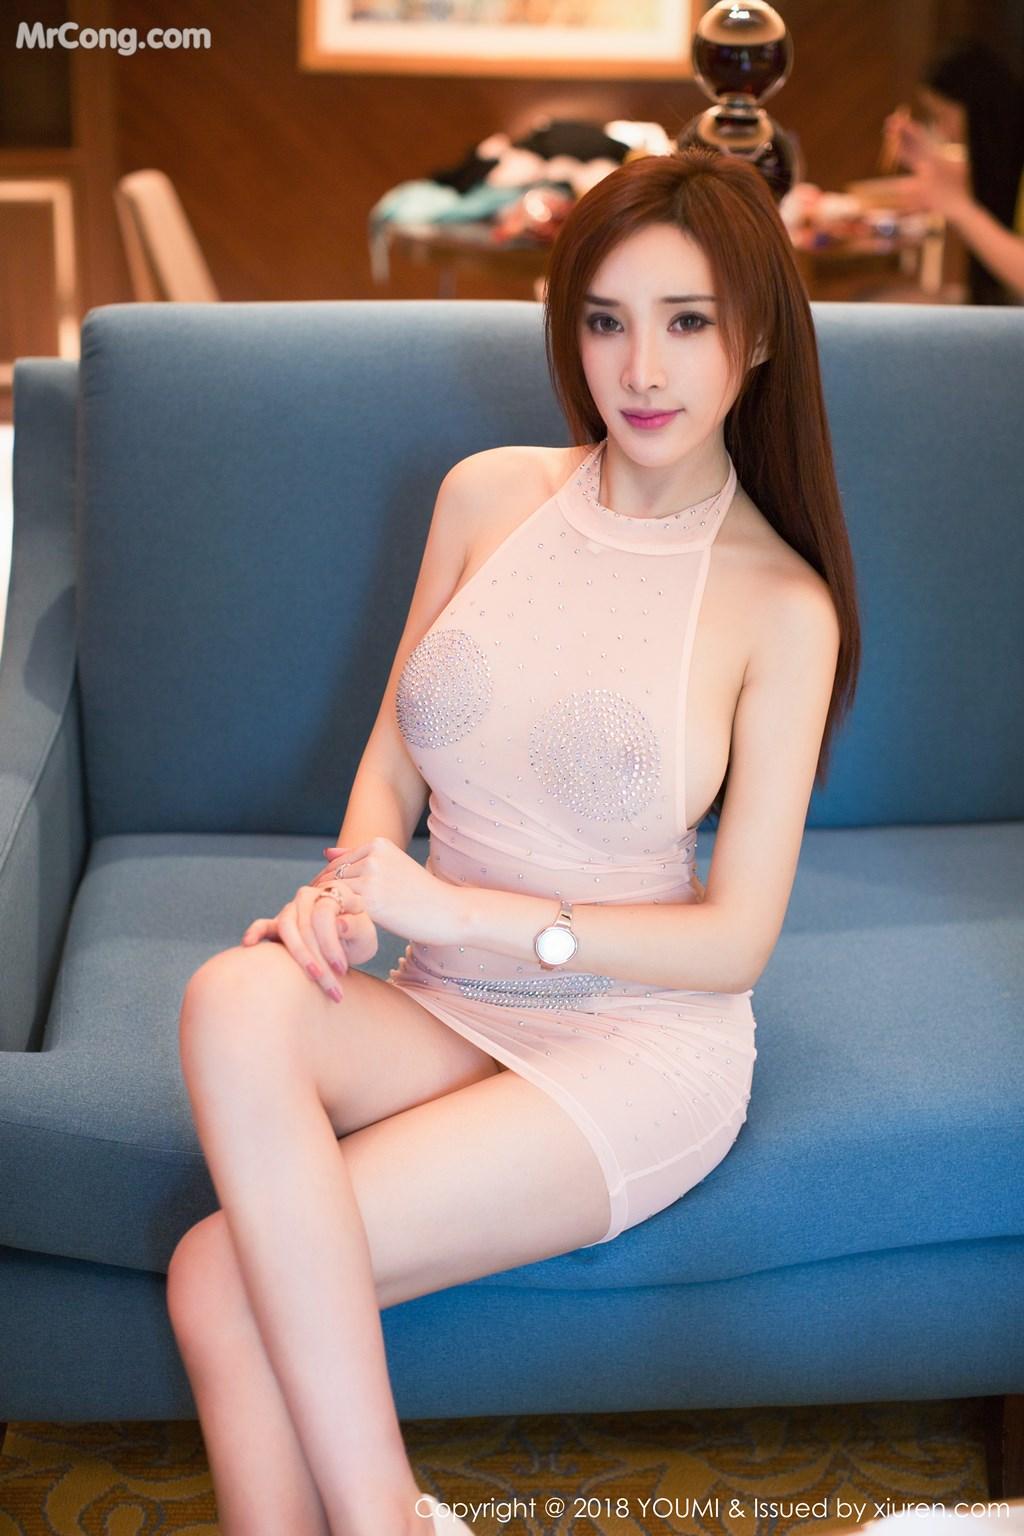 Image YouMi-Vol.112-Tu-Fei-Yuan-Ai-Cuo-Qiong-MrCong.com-001 in post YouMi Vol.112: Người mẫu 土肥圆矮挫穷 (51 ảnh)